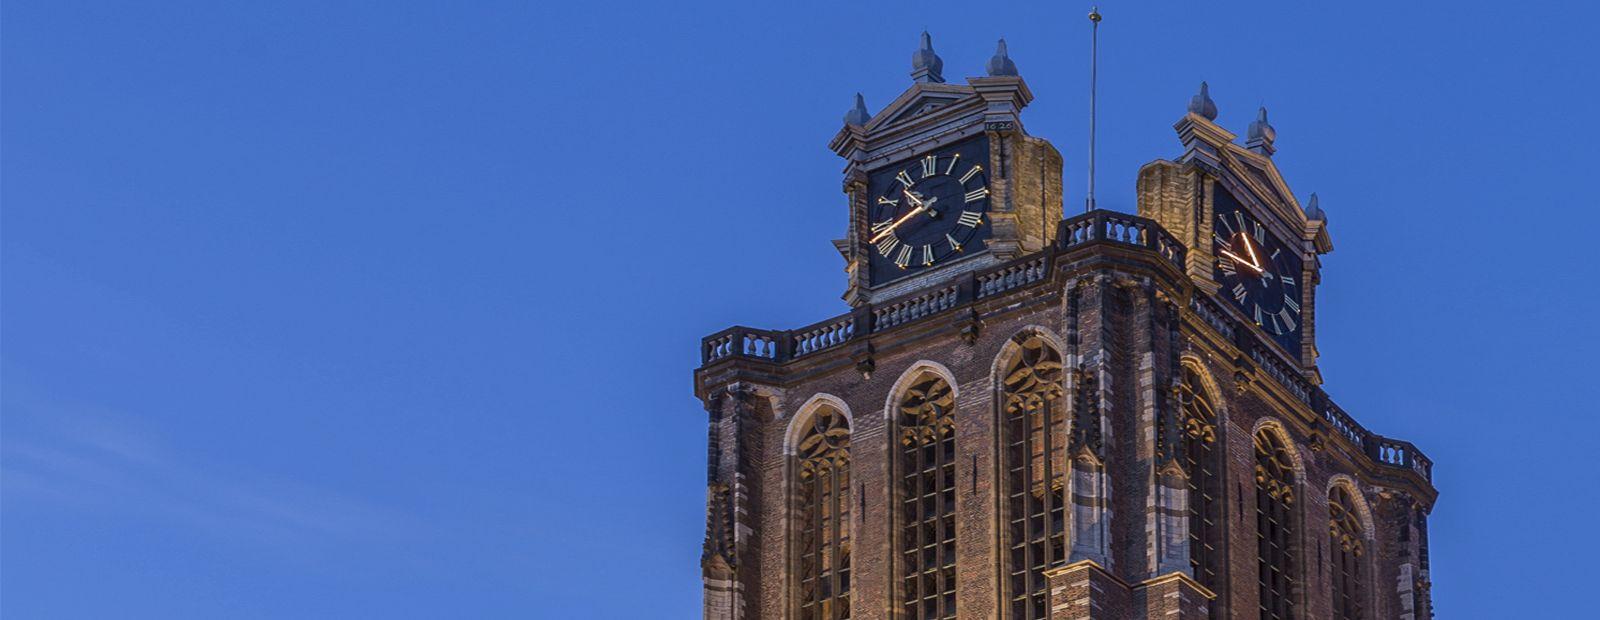 Toren Grote Kerk Dordrecht